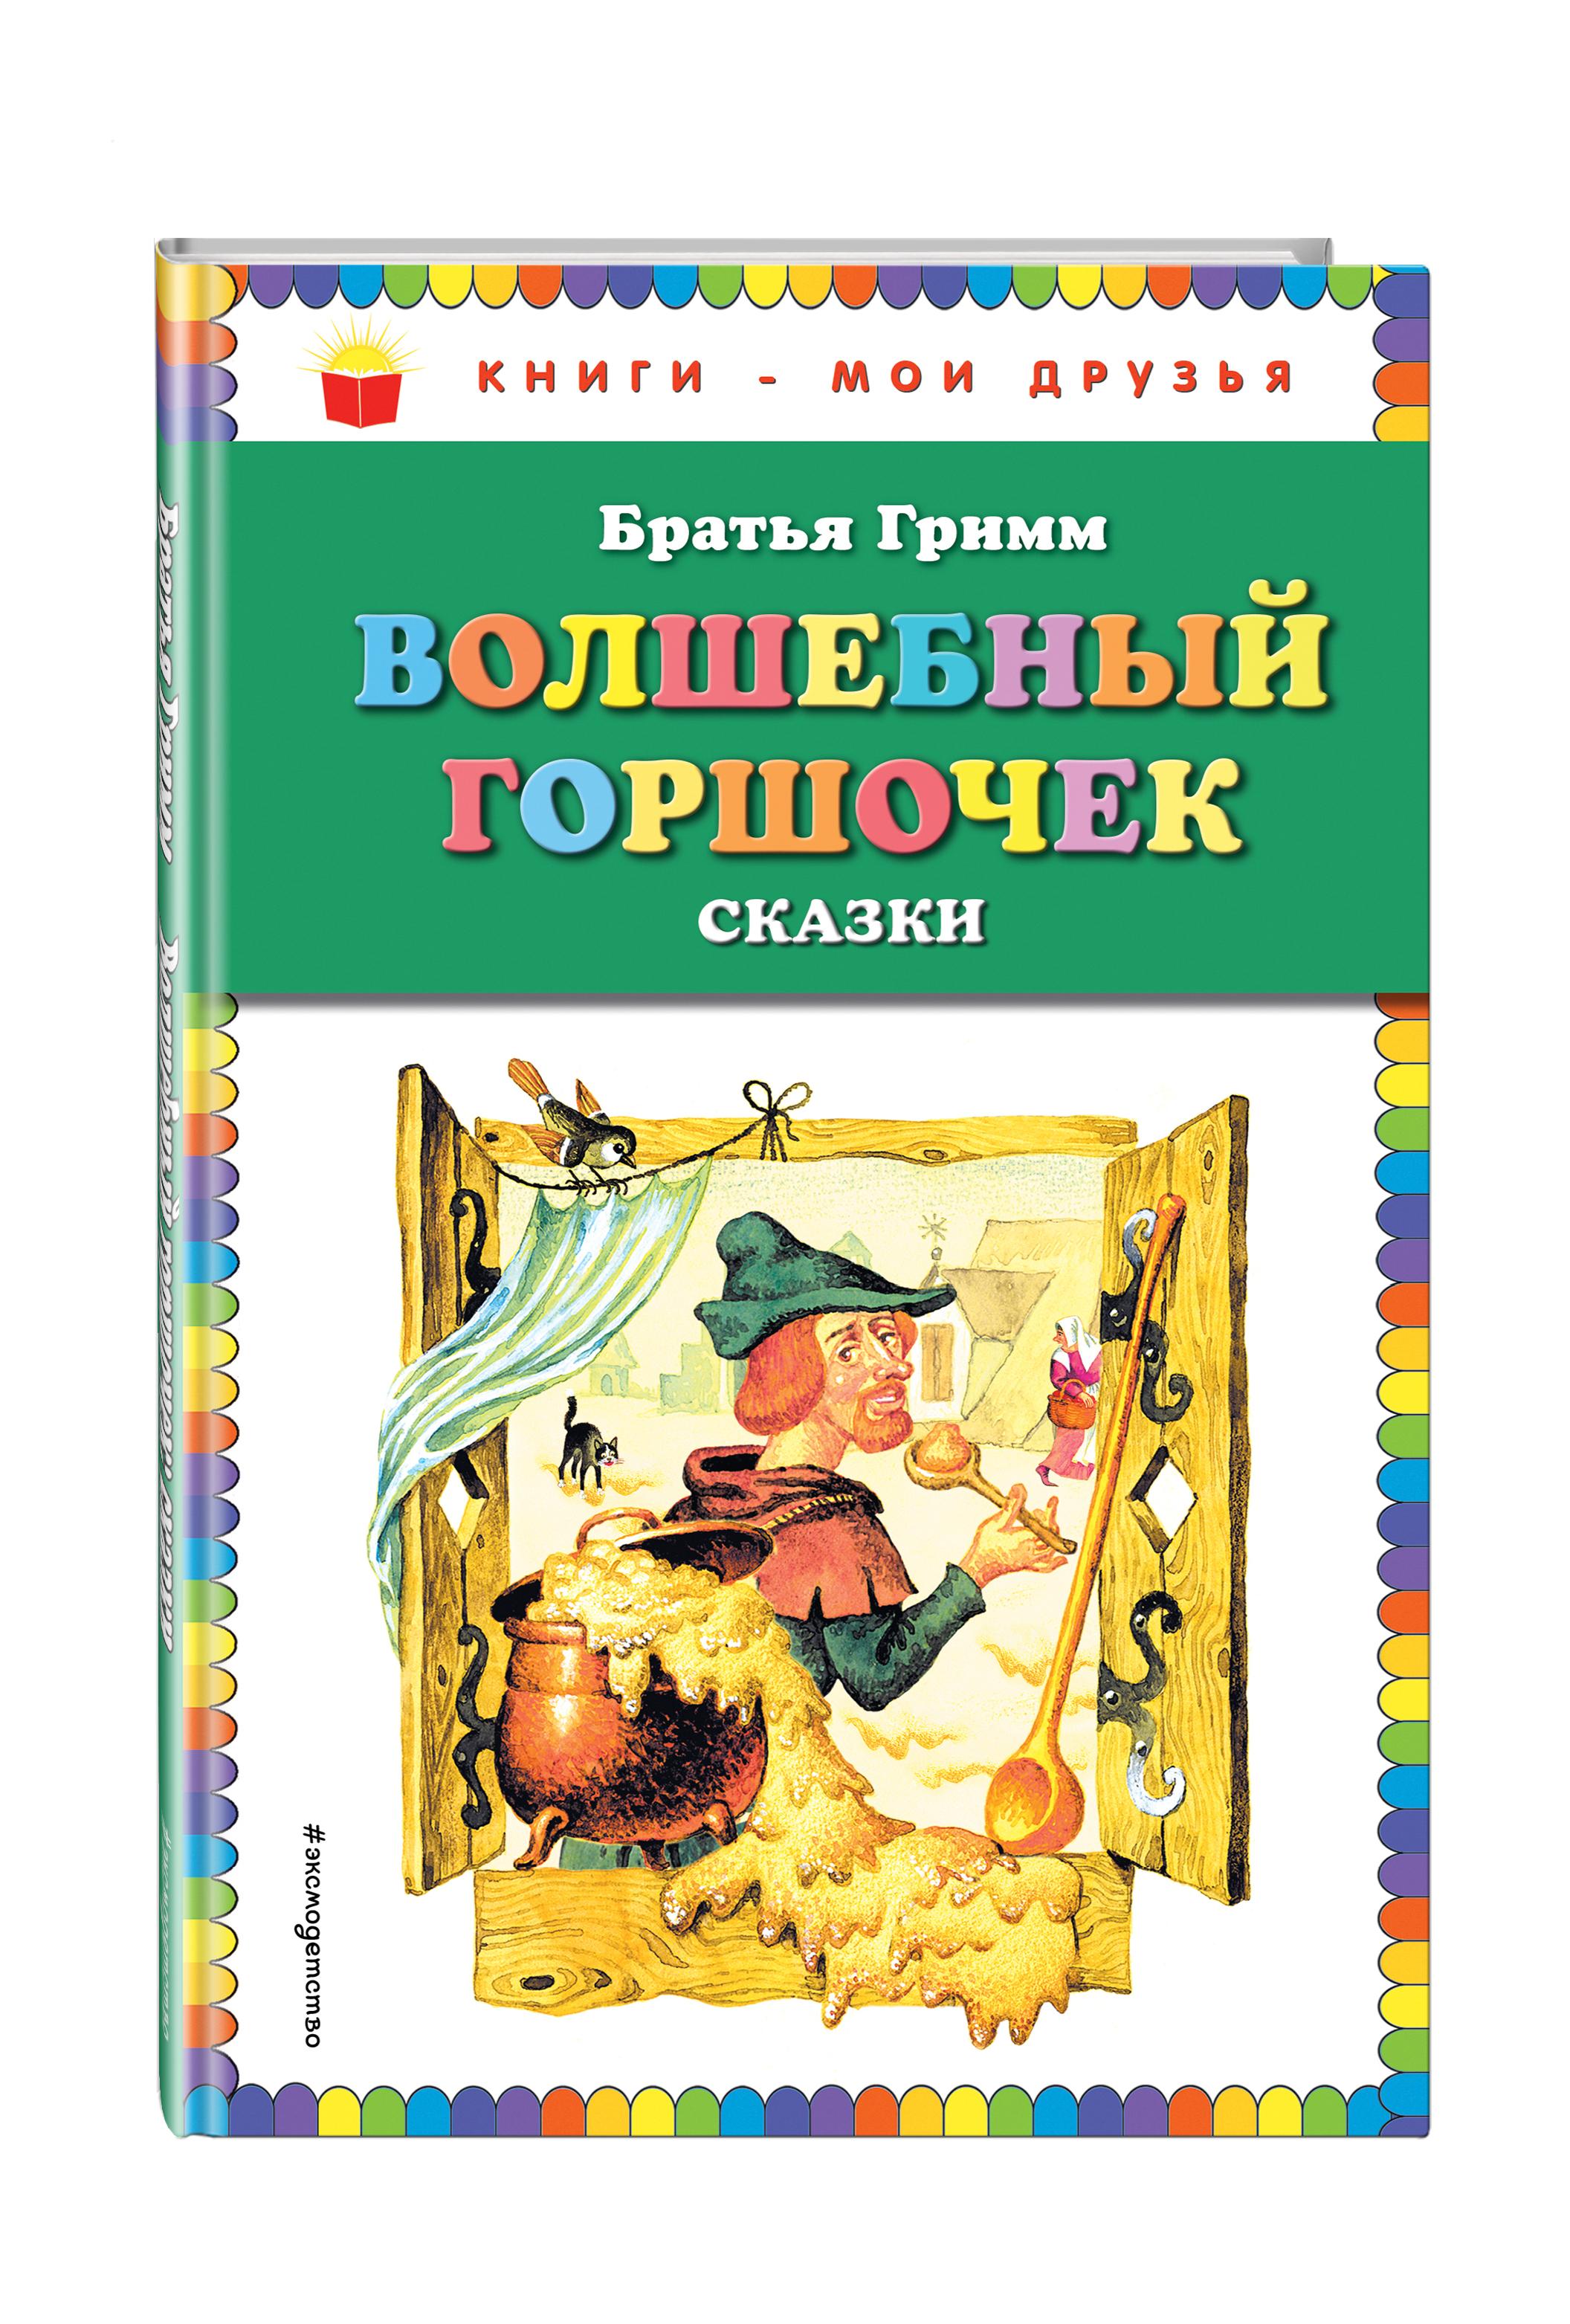 Братья Гримм Волшебный горшочек: сказки (ил. И. Егунова) братья гримм волшебный горшочек сборник